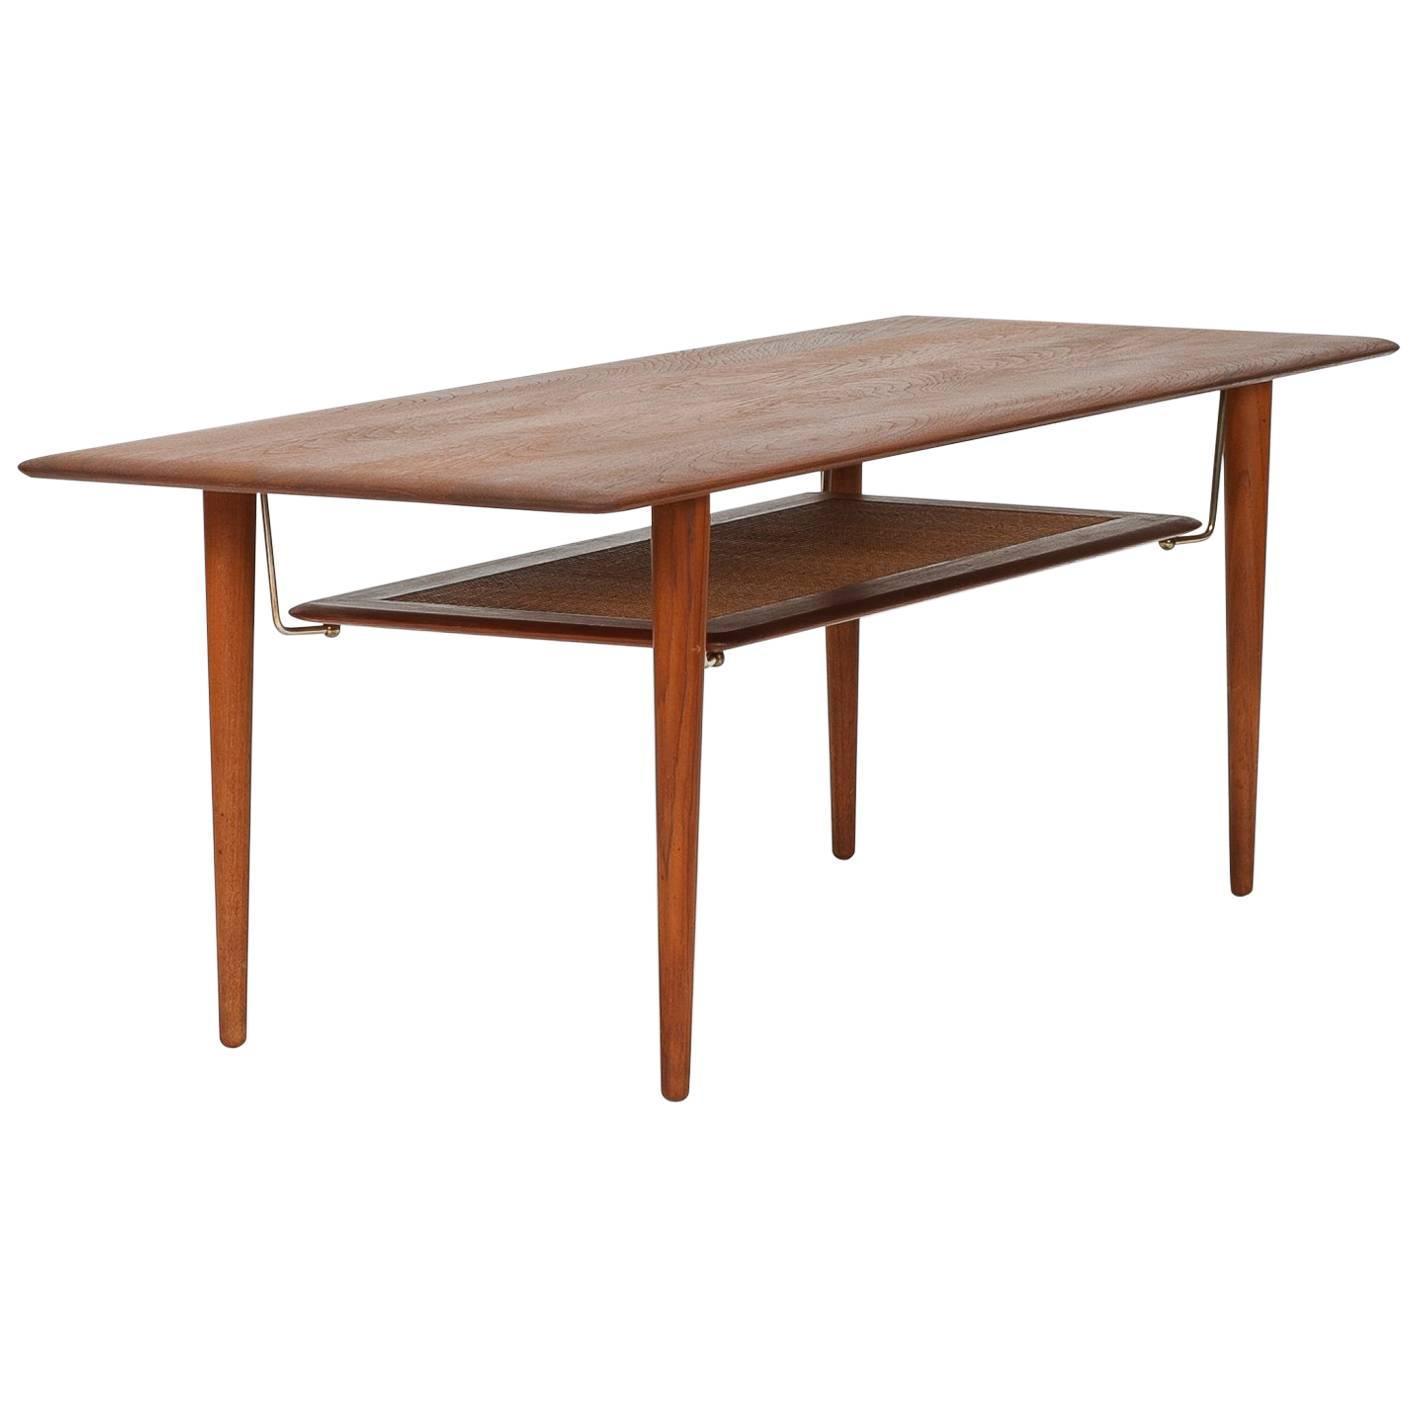 Peter Hvidt and Orla M¸lgaard Nielsen Coffee Table FD 516 Teak